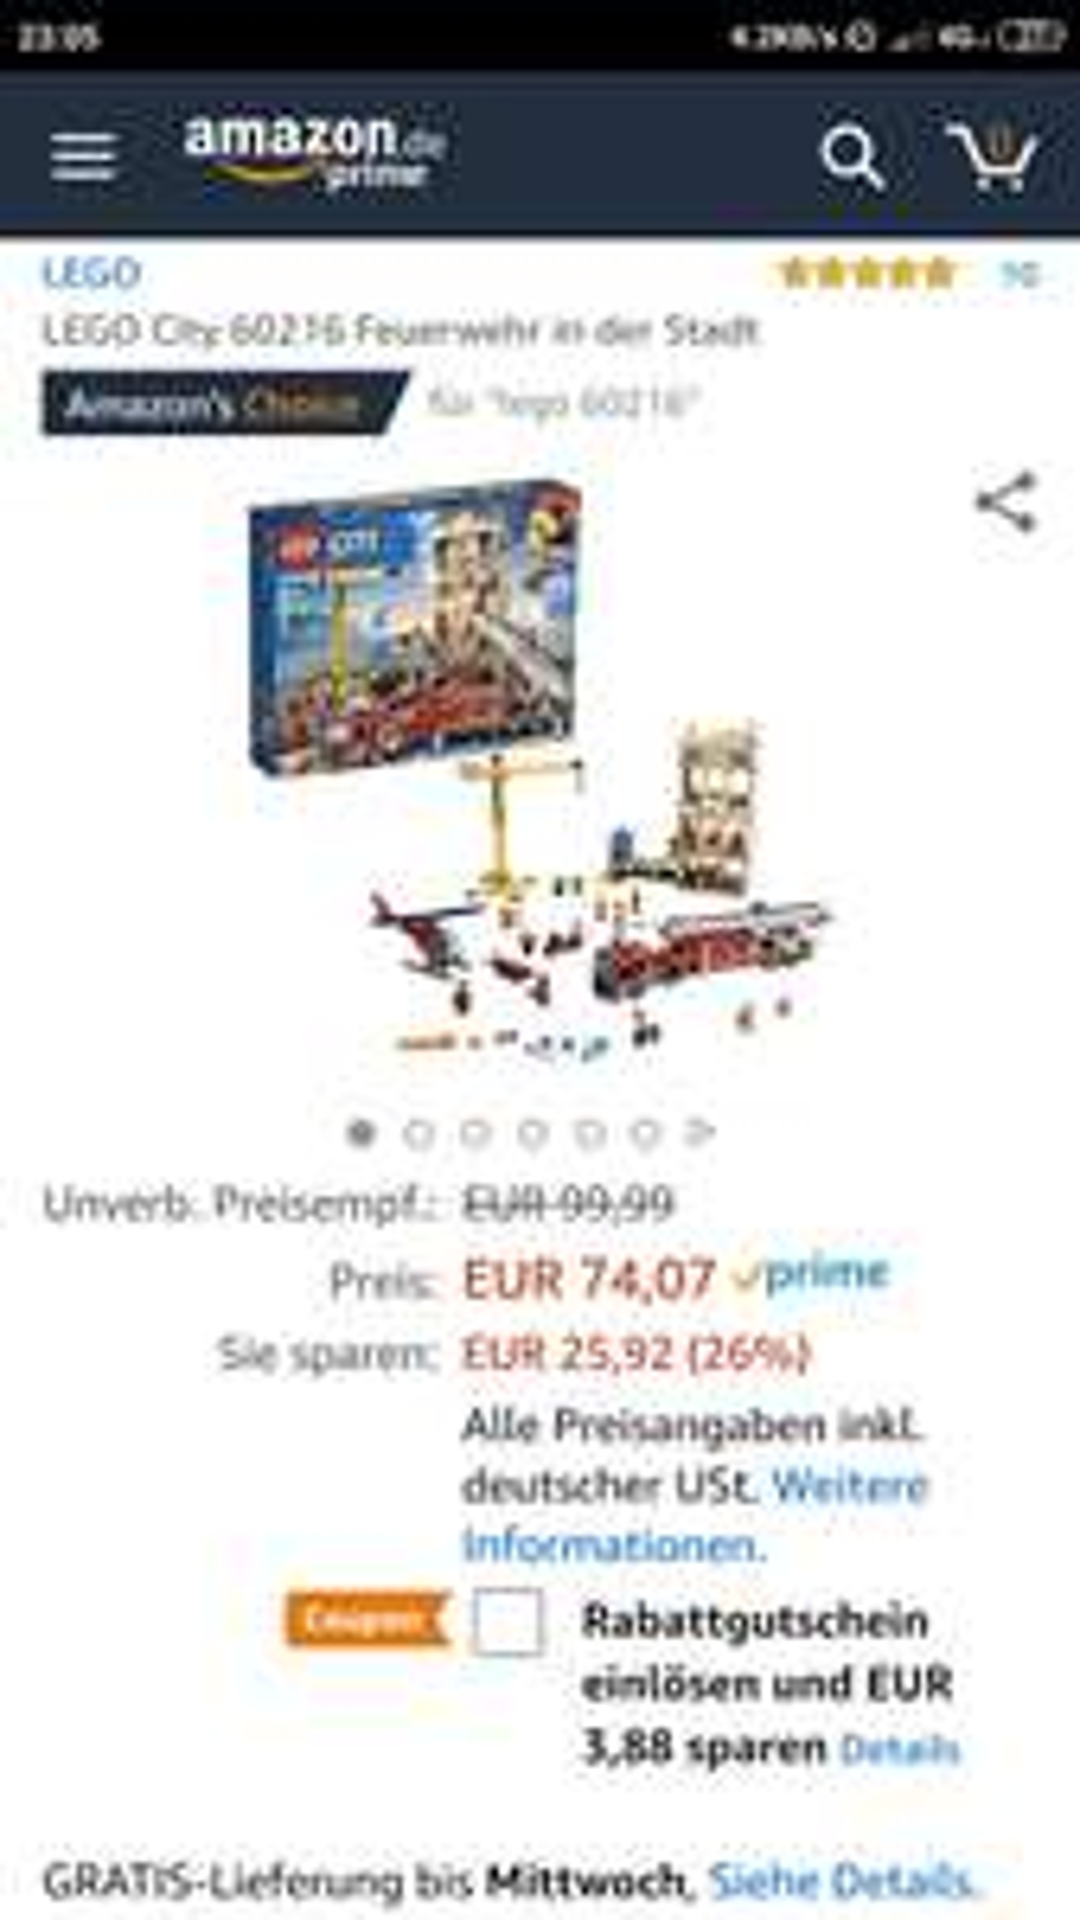 [AMAZON] LEGO City 60216 Feuerwehr in der Stadt